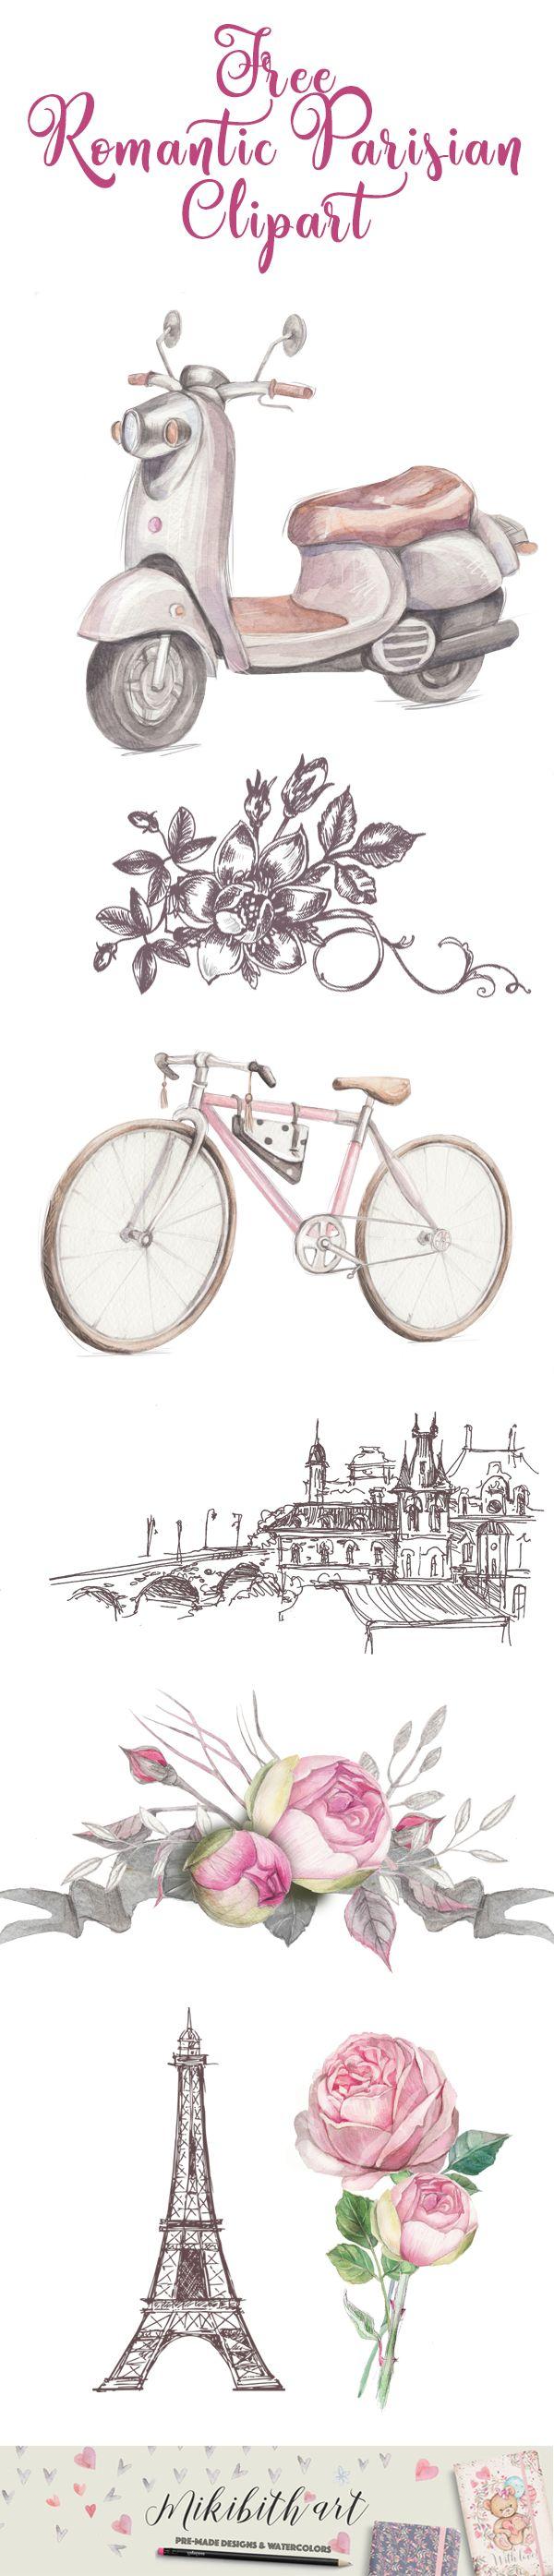 Galería de imágenes de París romántico libre